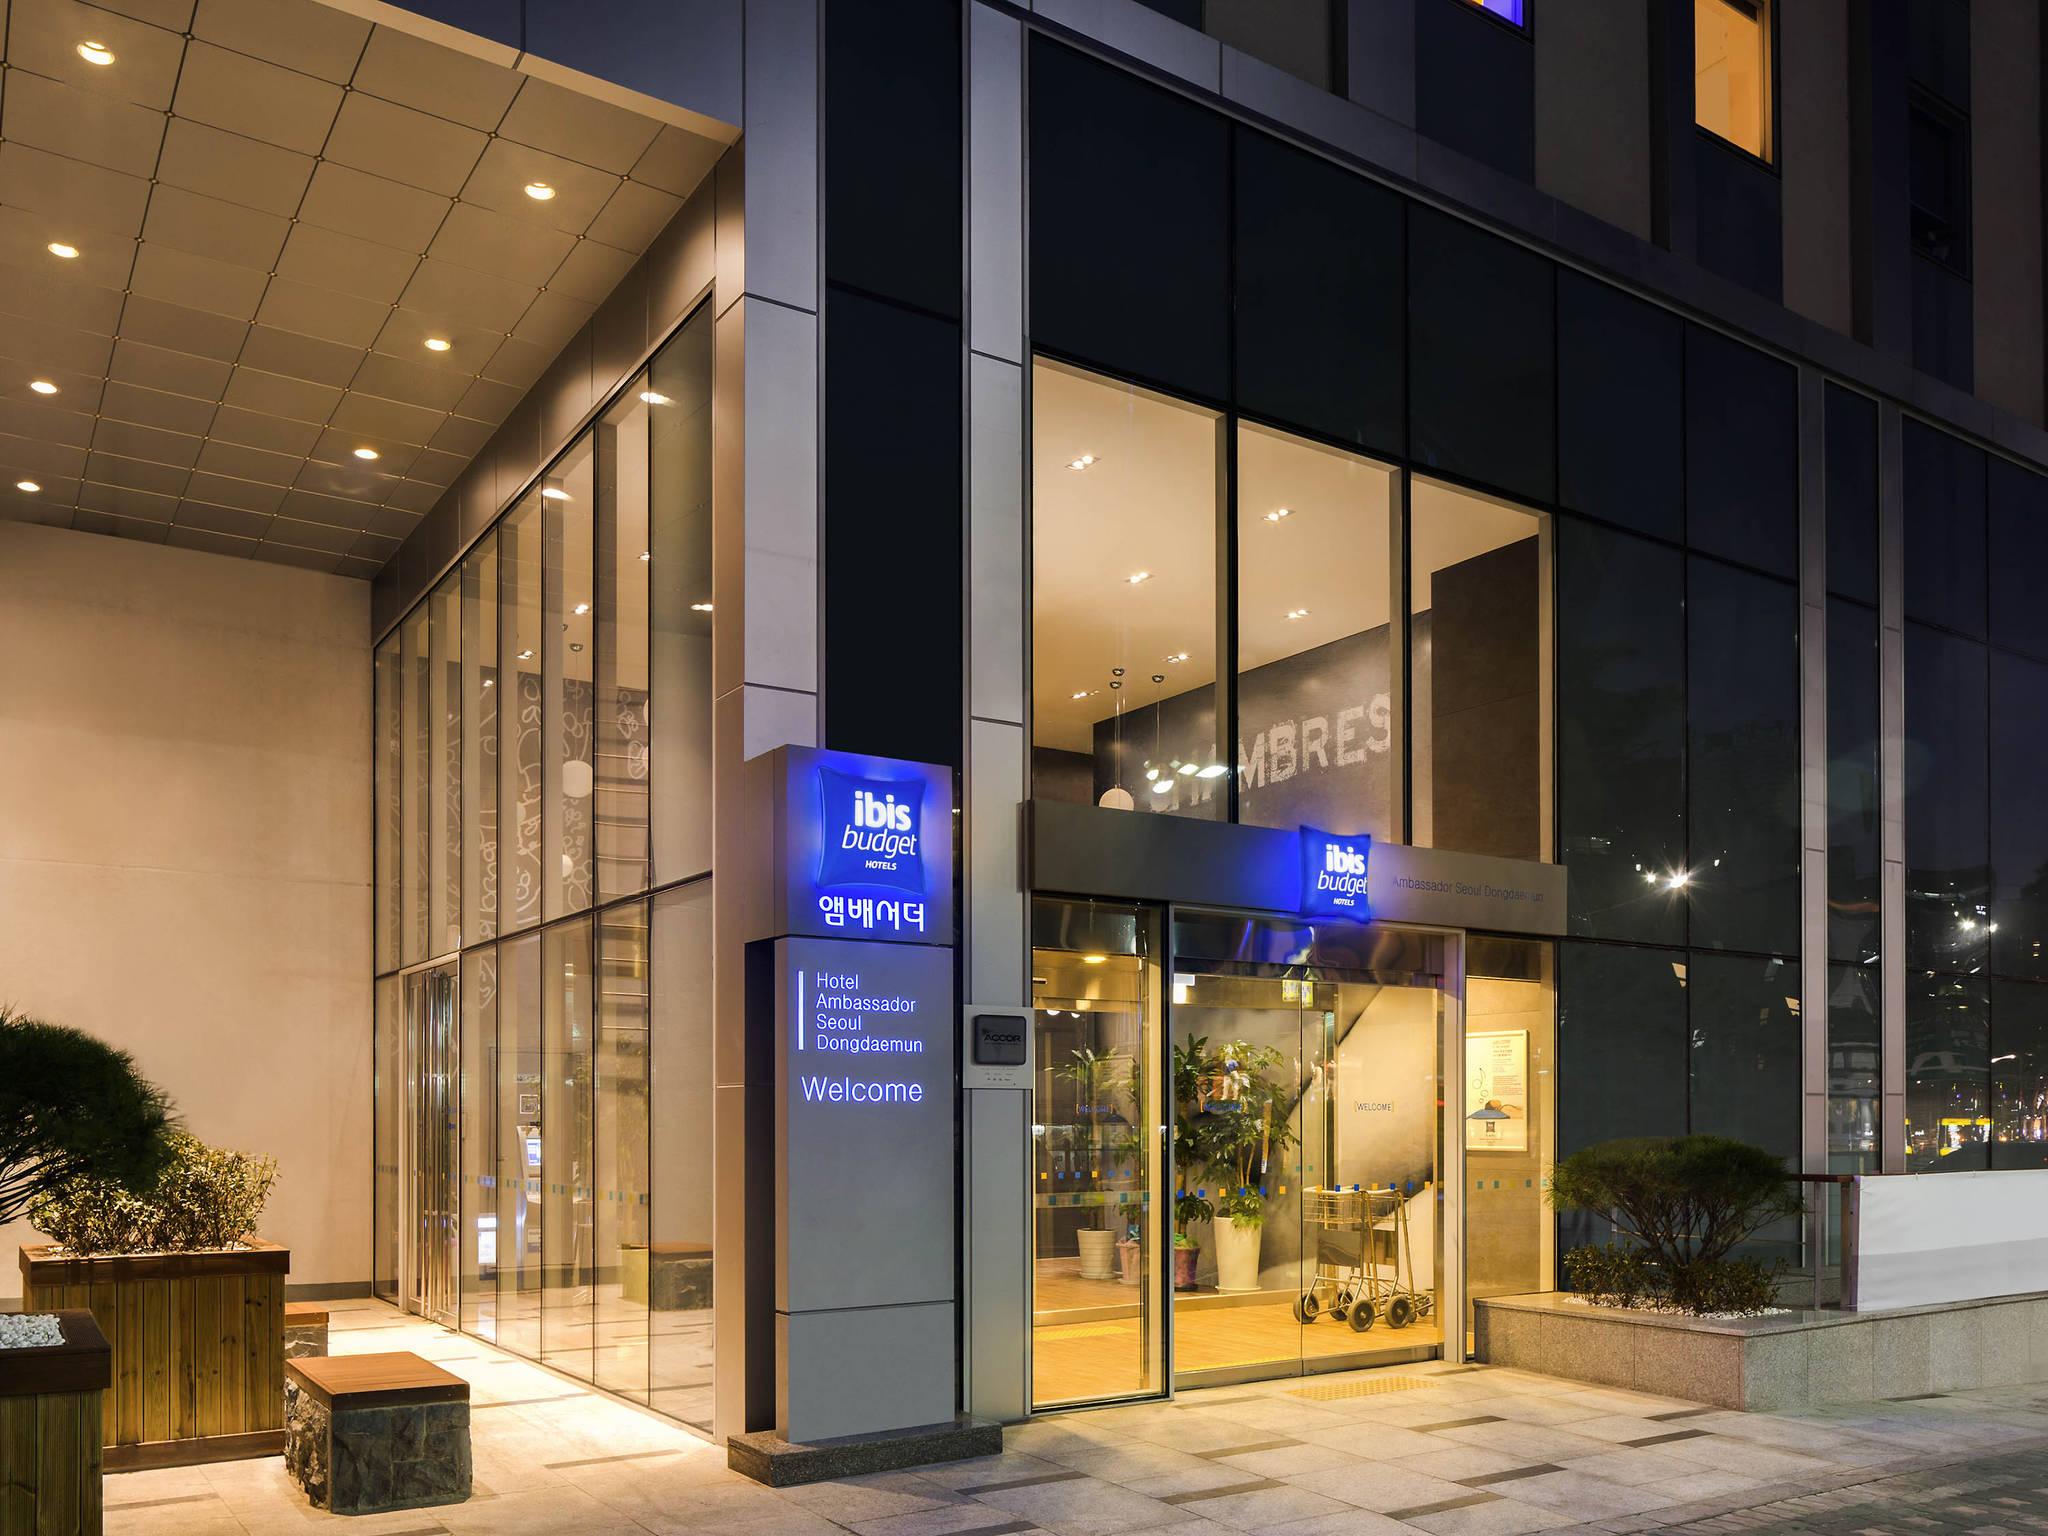 Отель — ibis budget Ambassador Сеул Донгдэмун